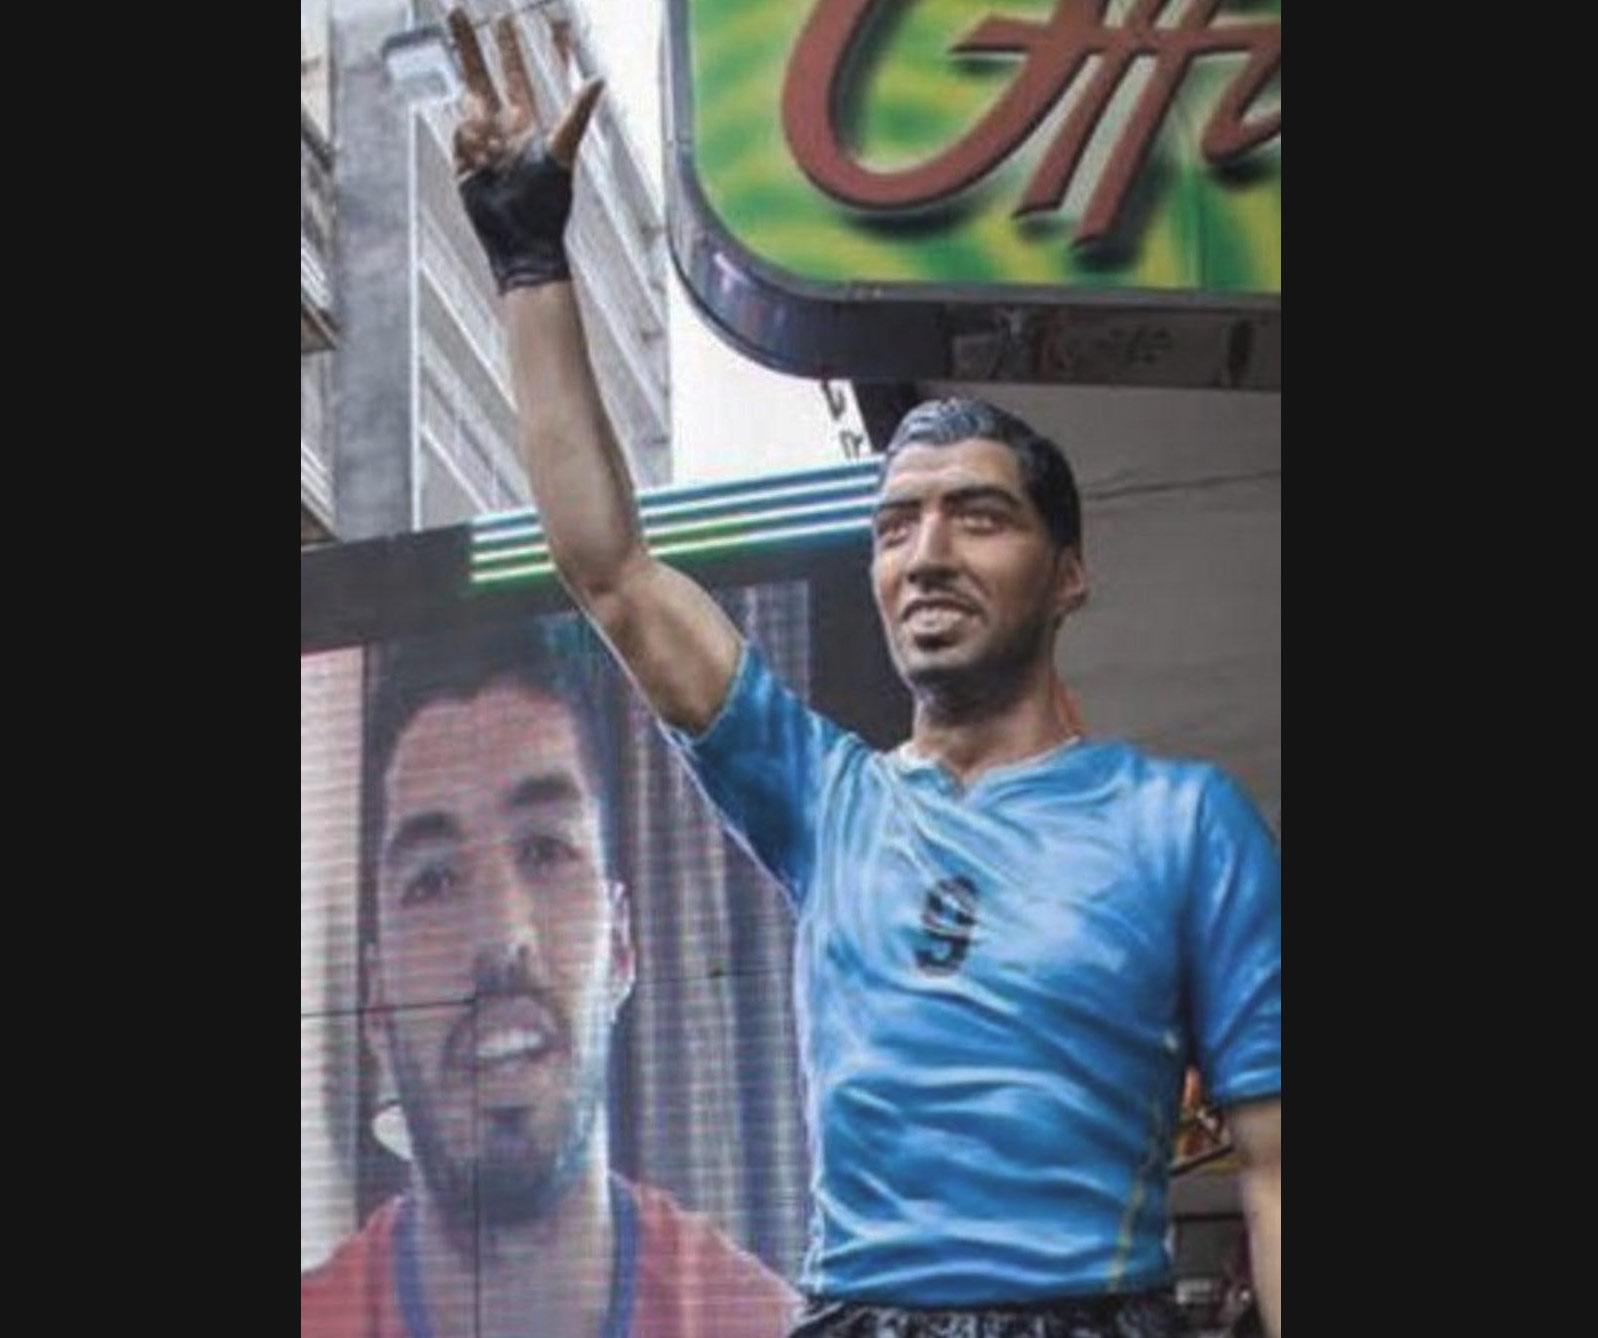 Todo ídolo necesita una representación y el futbolista uruguayo no es la excepción. En Salto, Uruguay, se alzó en 2015 esta efigie que no convenció del todo a Suárez, quien se presentó para la inauguración en una pantalla gigante.